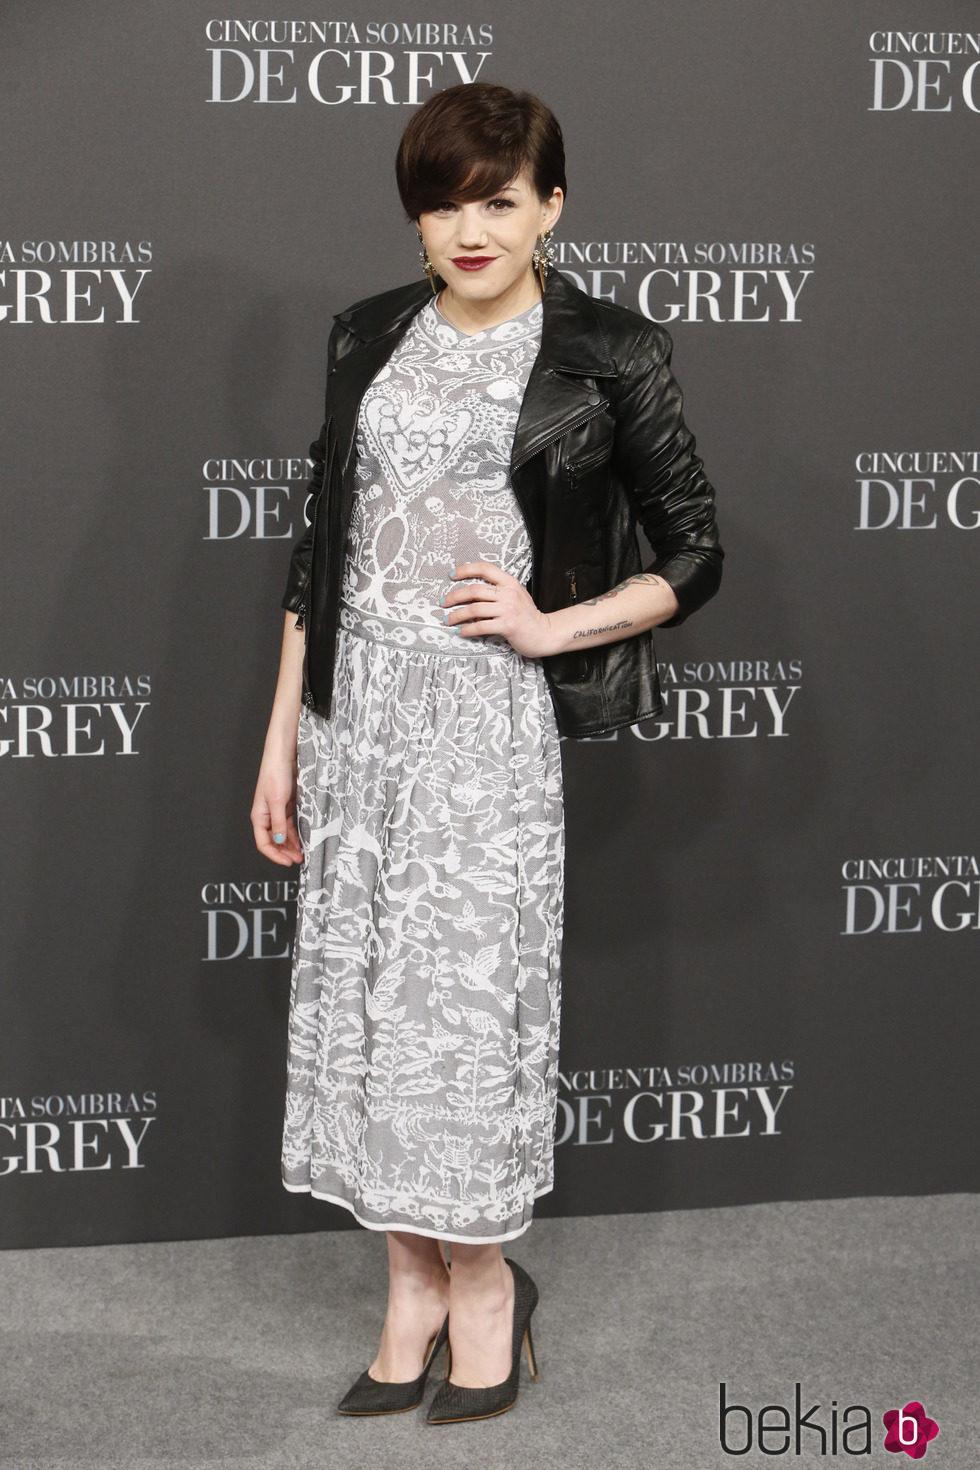 Angy fern ndez en el estreno de 39 cincuenta sombras de grey - 50 sombras de grey en espana ...